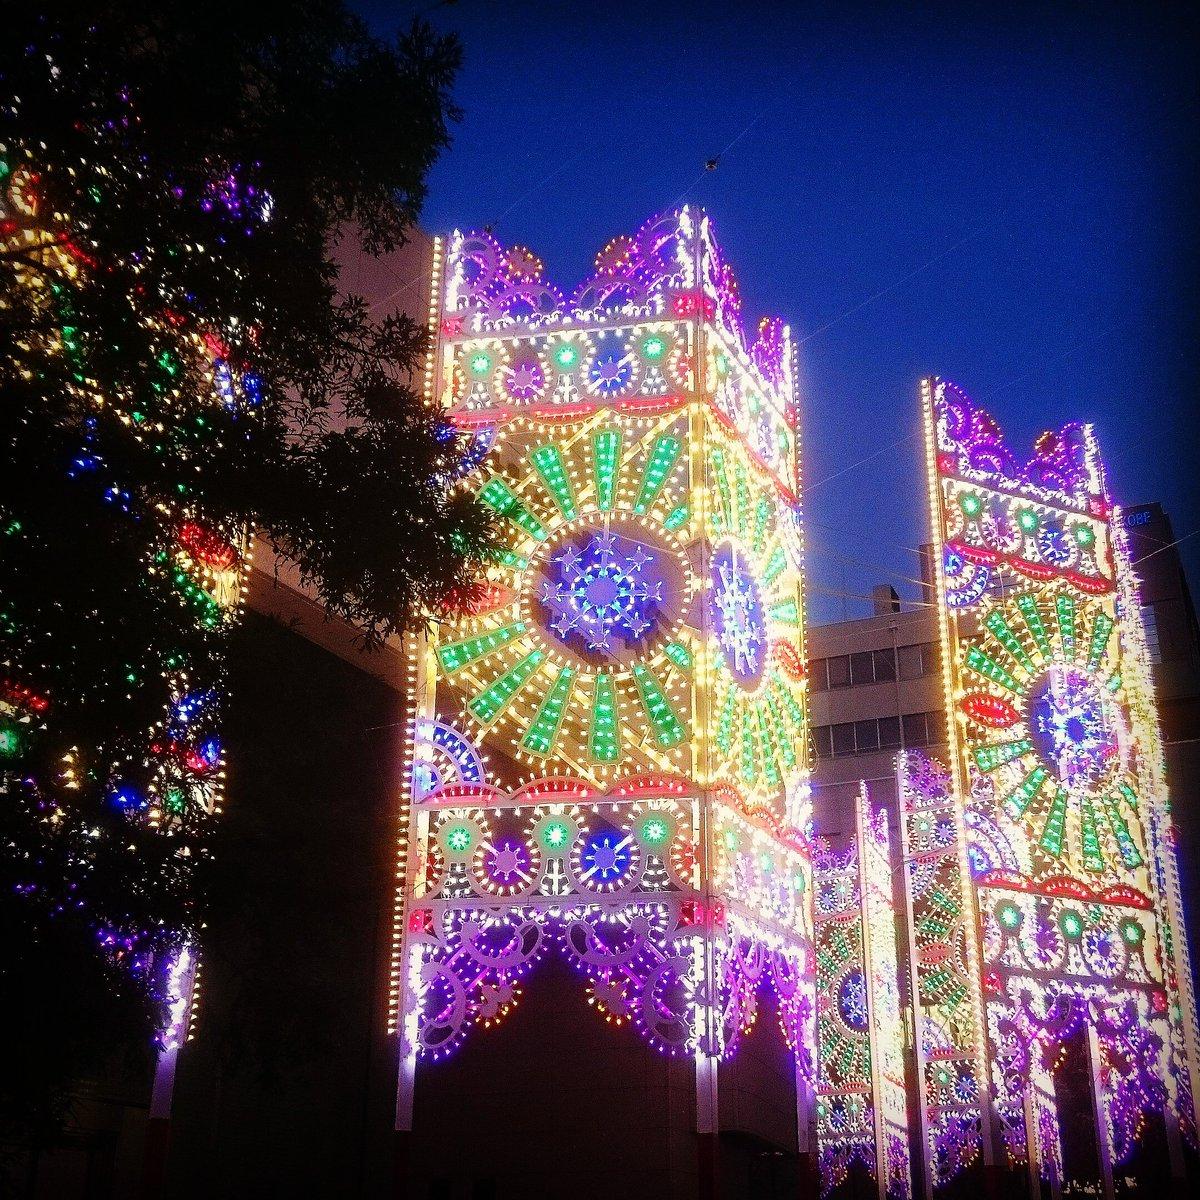 神戸ルミナリエ、先ほど17時に点灯しました ^^ https://t.co/xybv0XEJbD